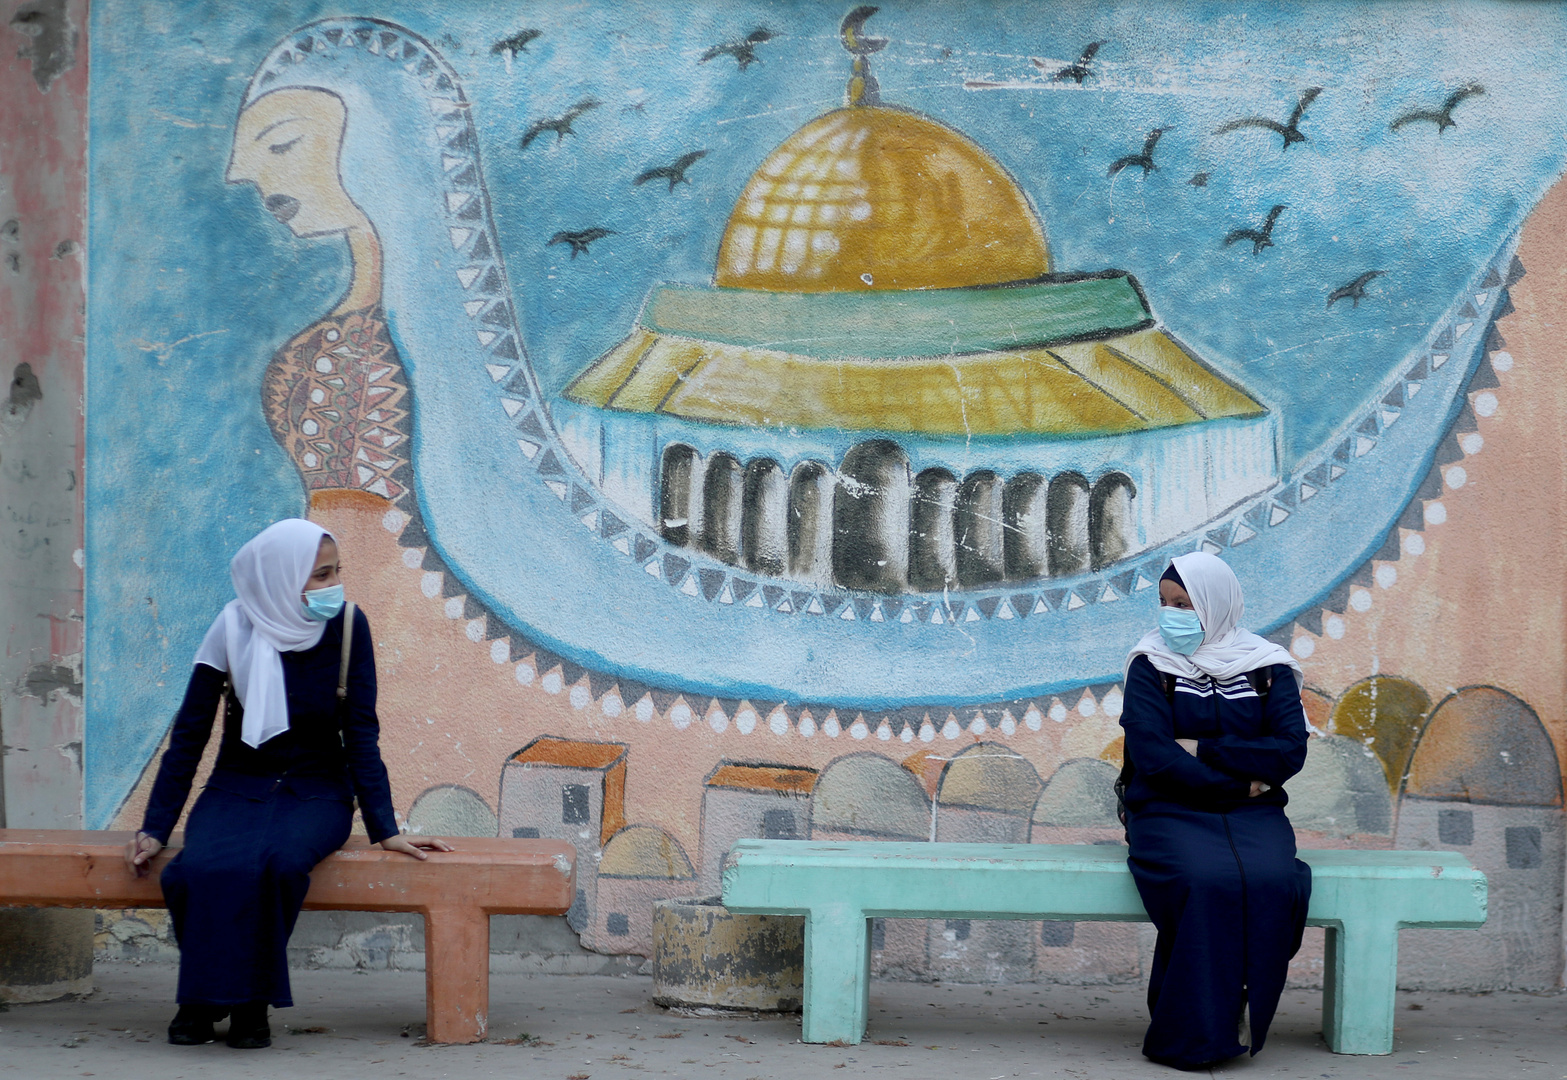 صحيفة: إسرائيل ستزود السلطة الفلسطينية بنسبة من اللقاحات المضادة لكورونا